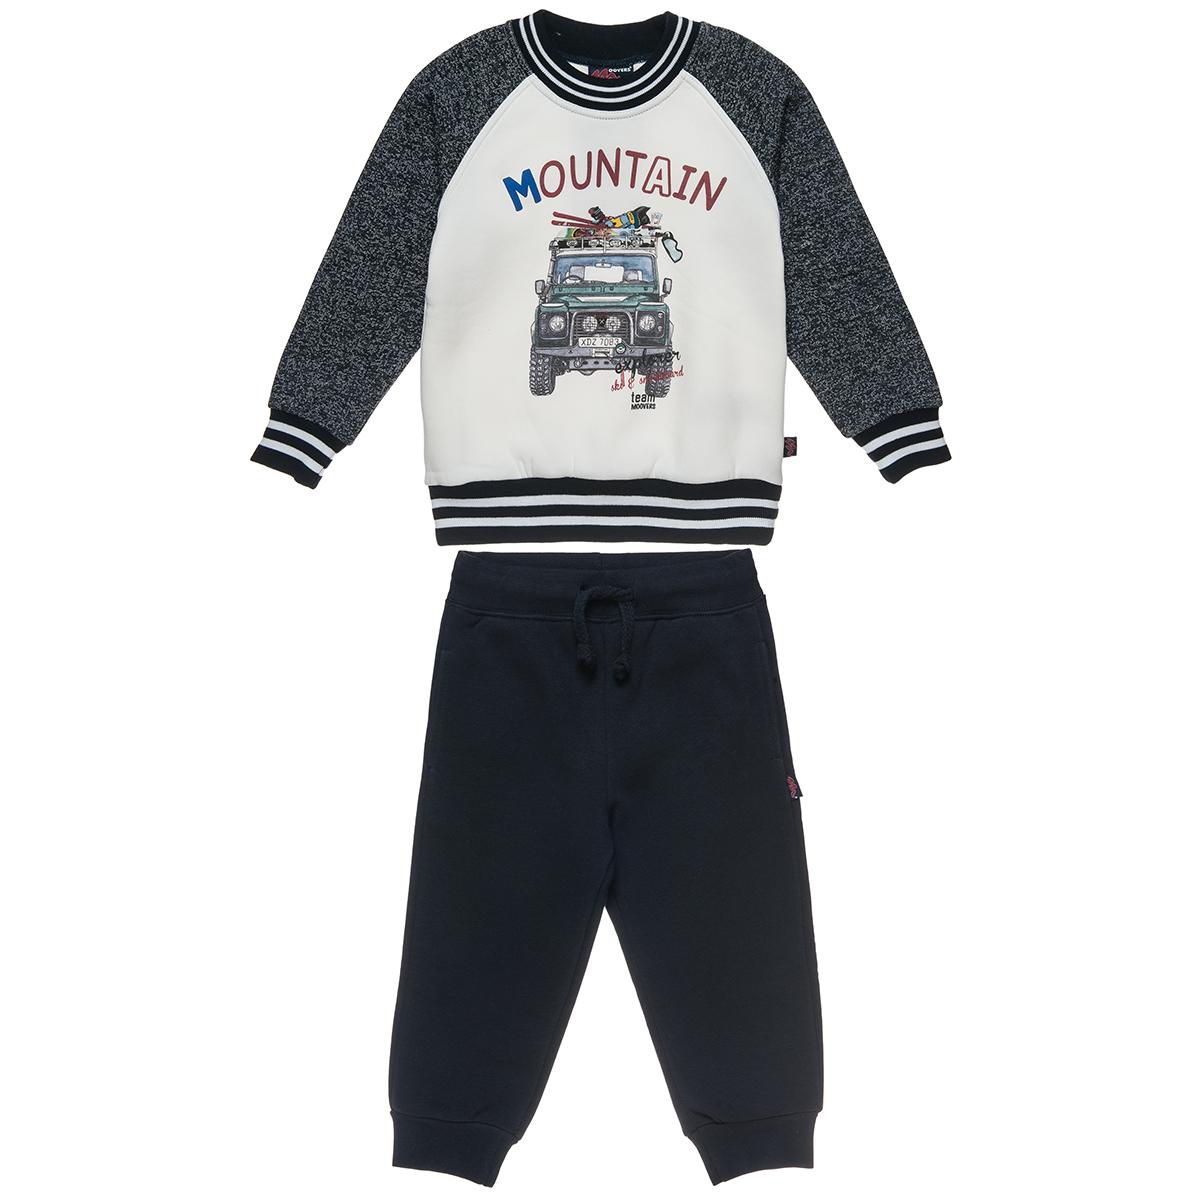 Σετ Φόρμας Moovers μπλούζα δίχρωμη με τύπωμα και παντελόνι με λάστιχο (Αγόρι 2-5 ετών) 00230493 - Εκρού - 4592-0001/3/158/102